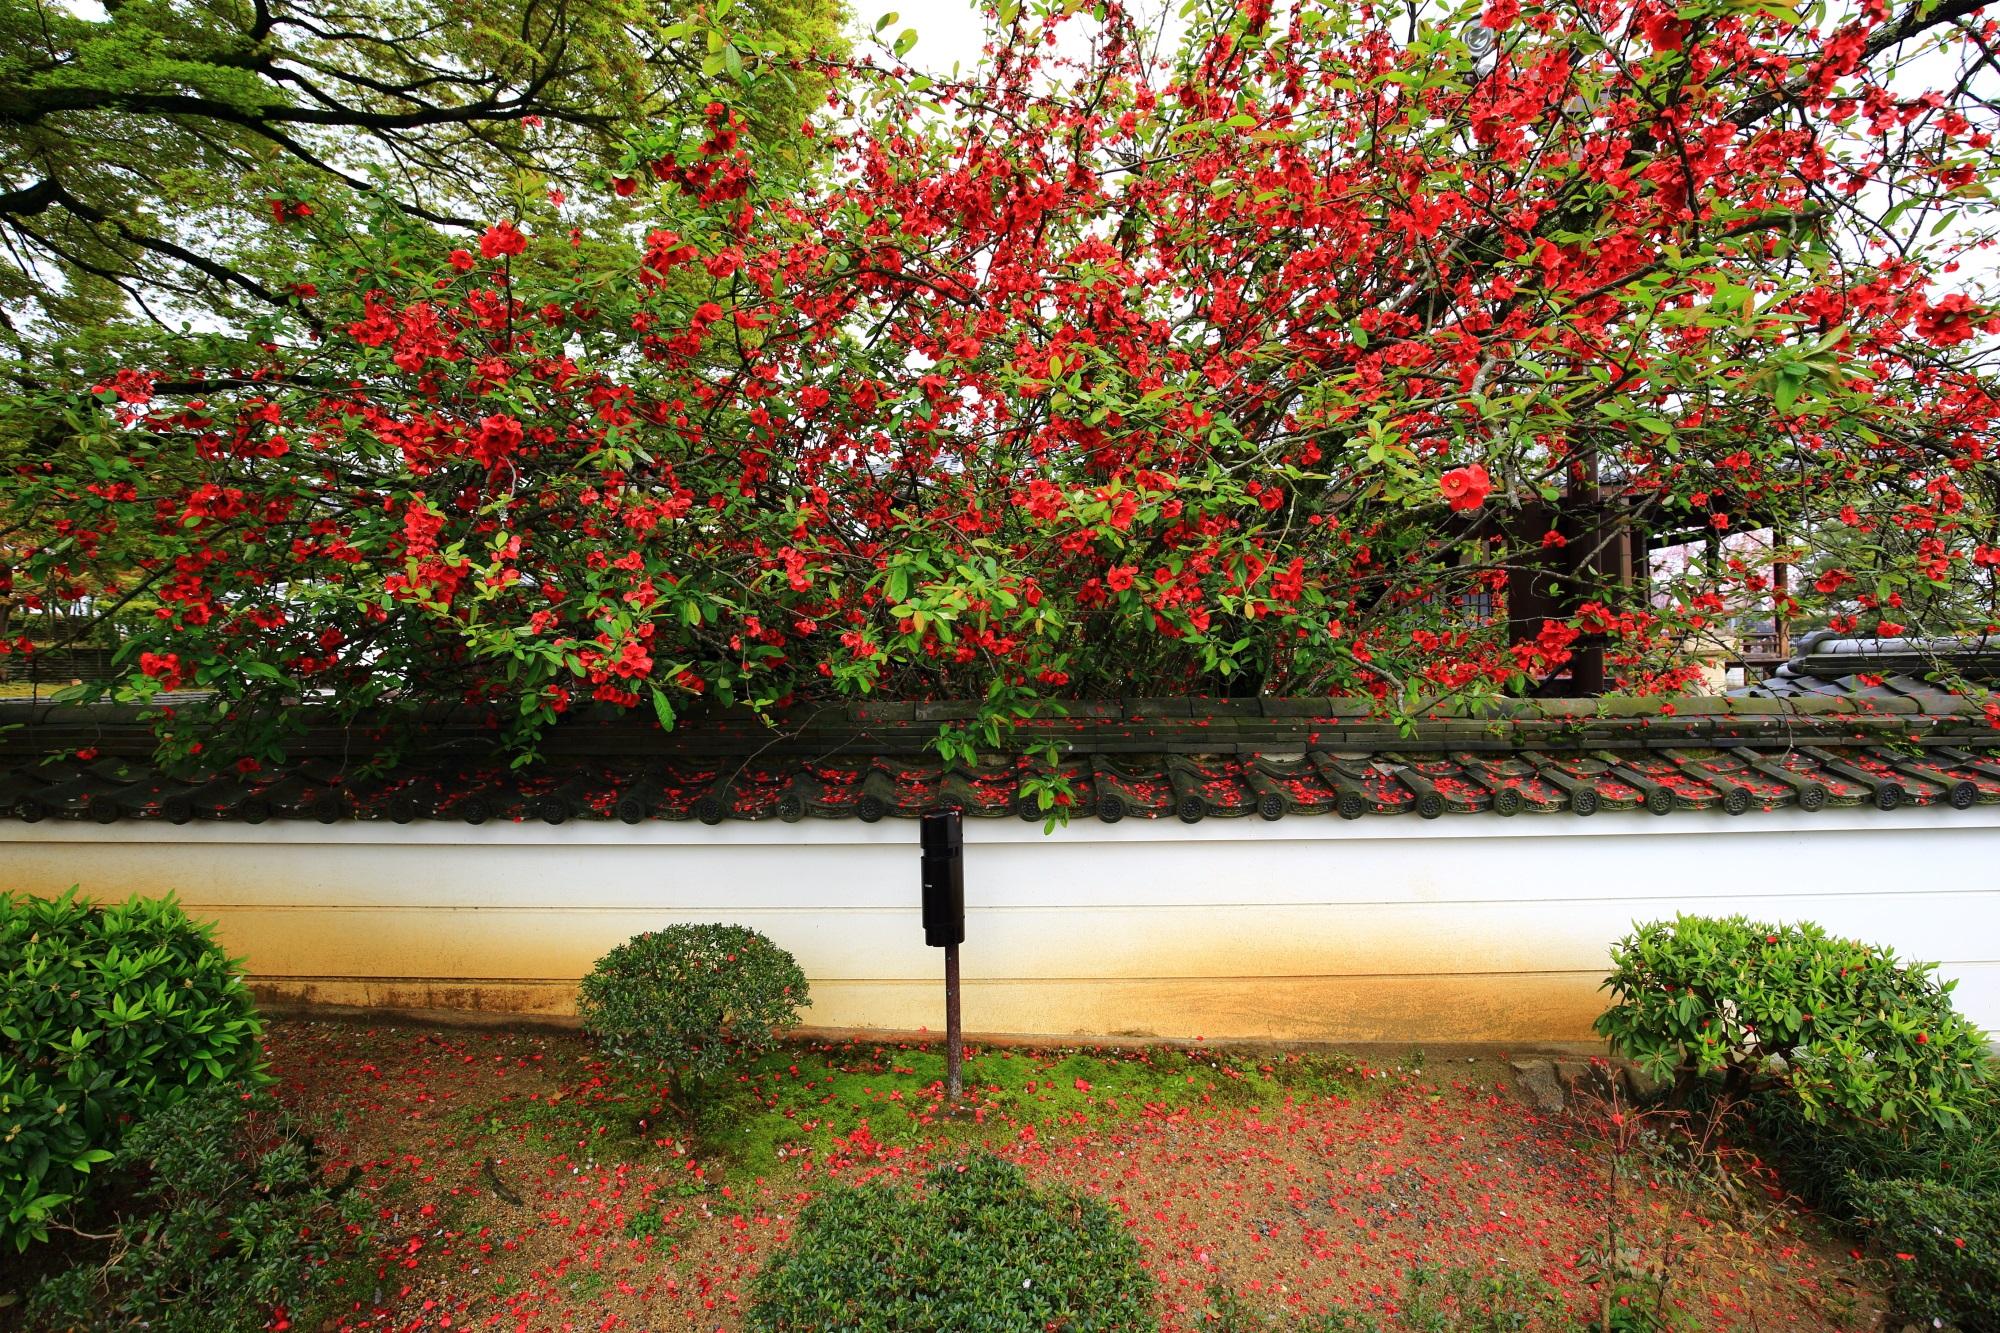 名前は不明も平等院の赤い花を咲かせる木